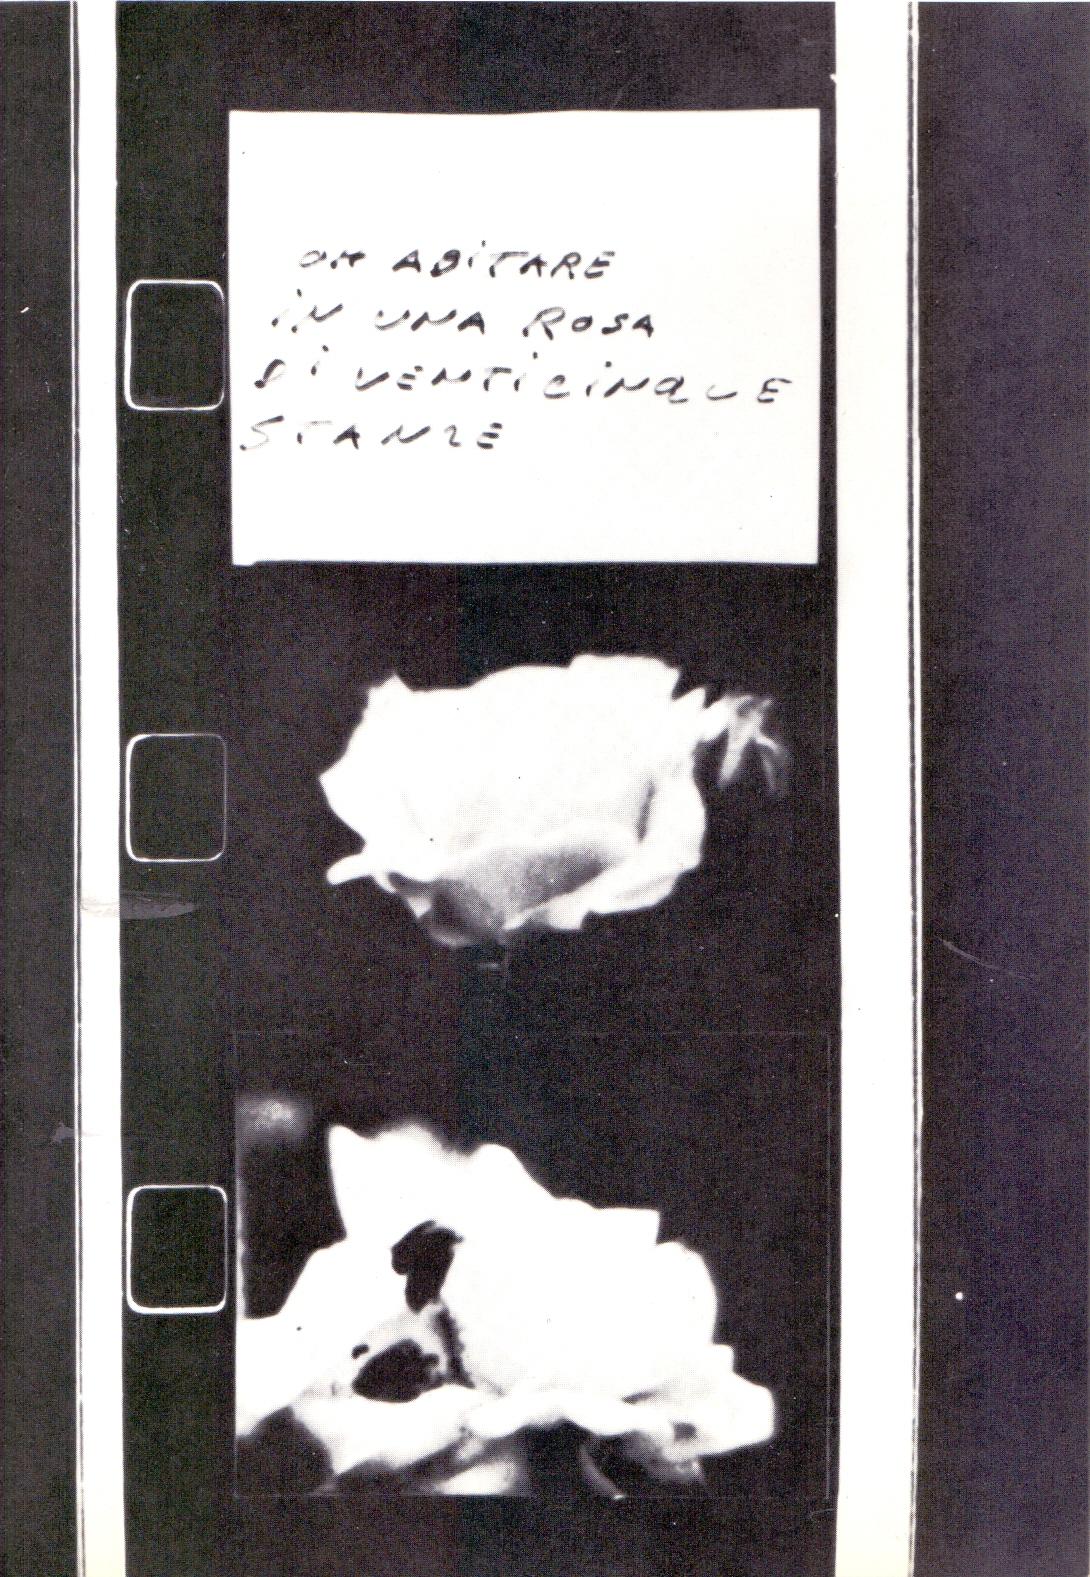 Poesia qualepoesia/10: Antonio Massari. Oh abitare in una rosa di 25 stanze